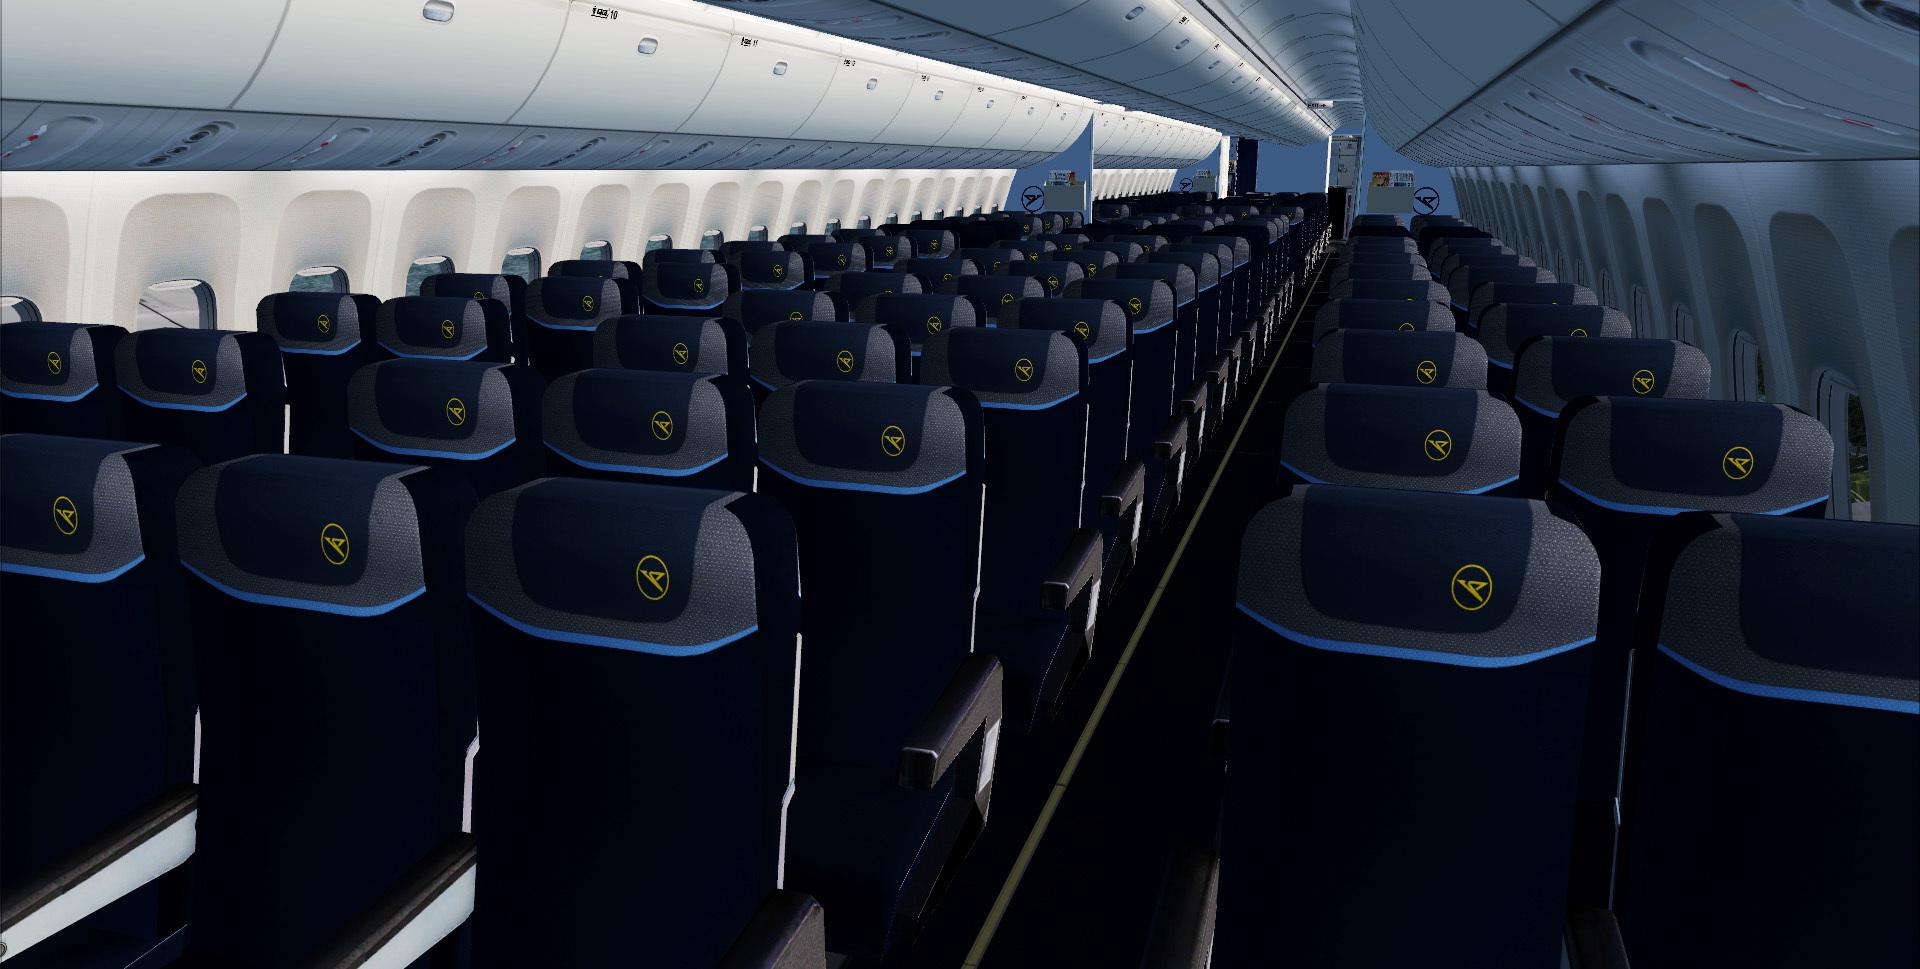 CAPTAIN SIM FORUM - My 767 Repaints